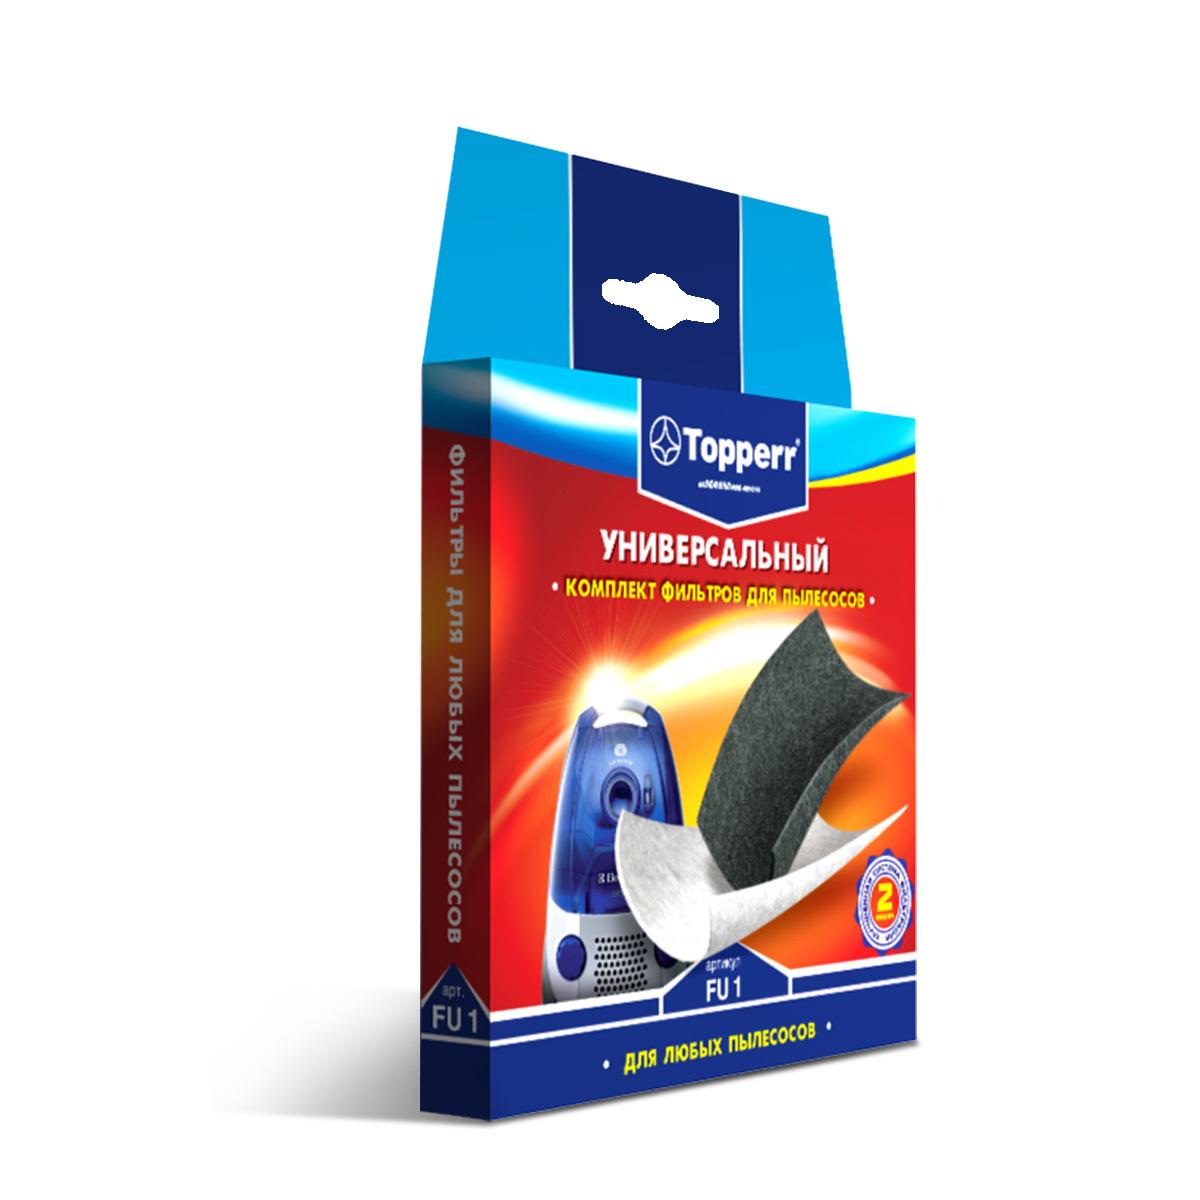 Фильтр для пылесоса Topperr FU1